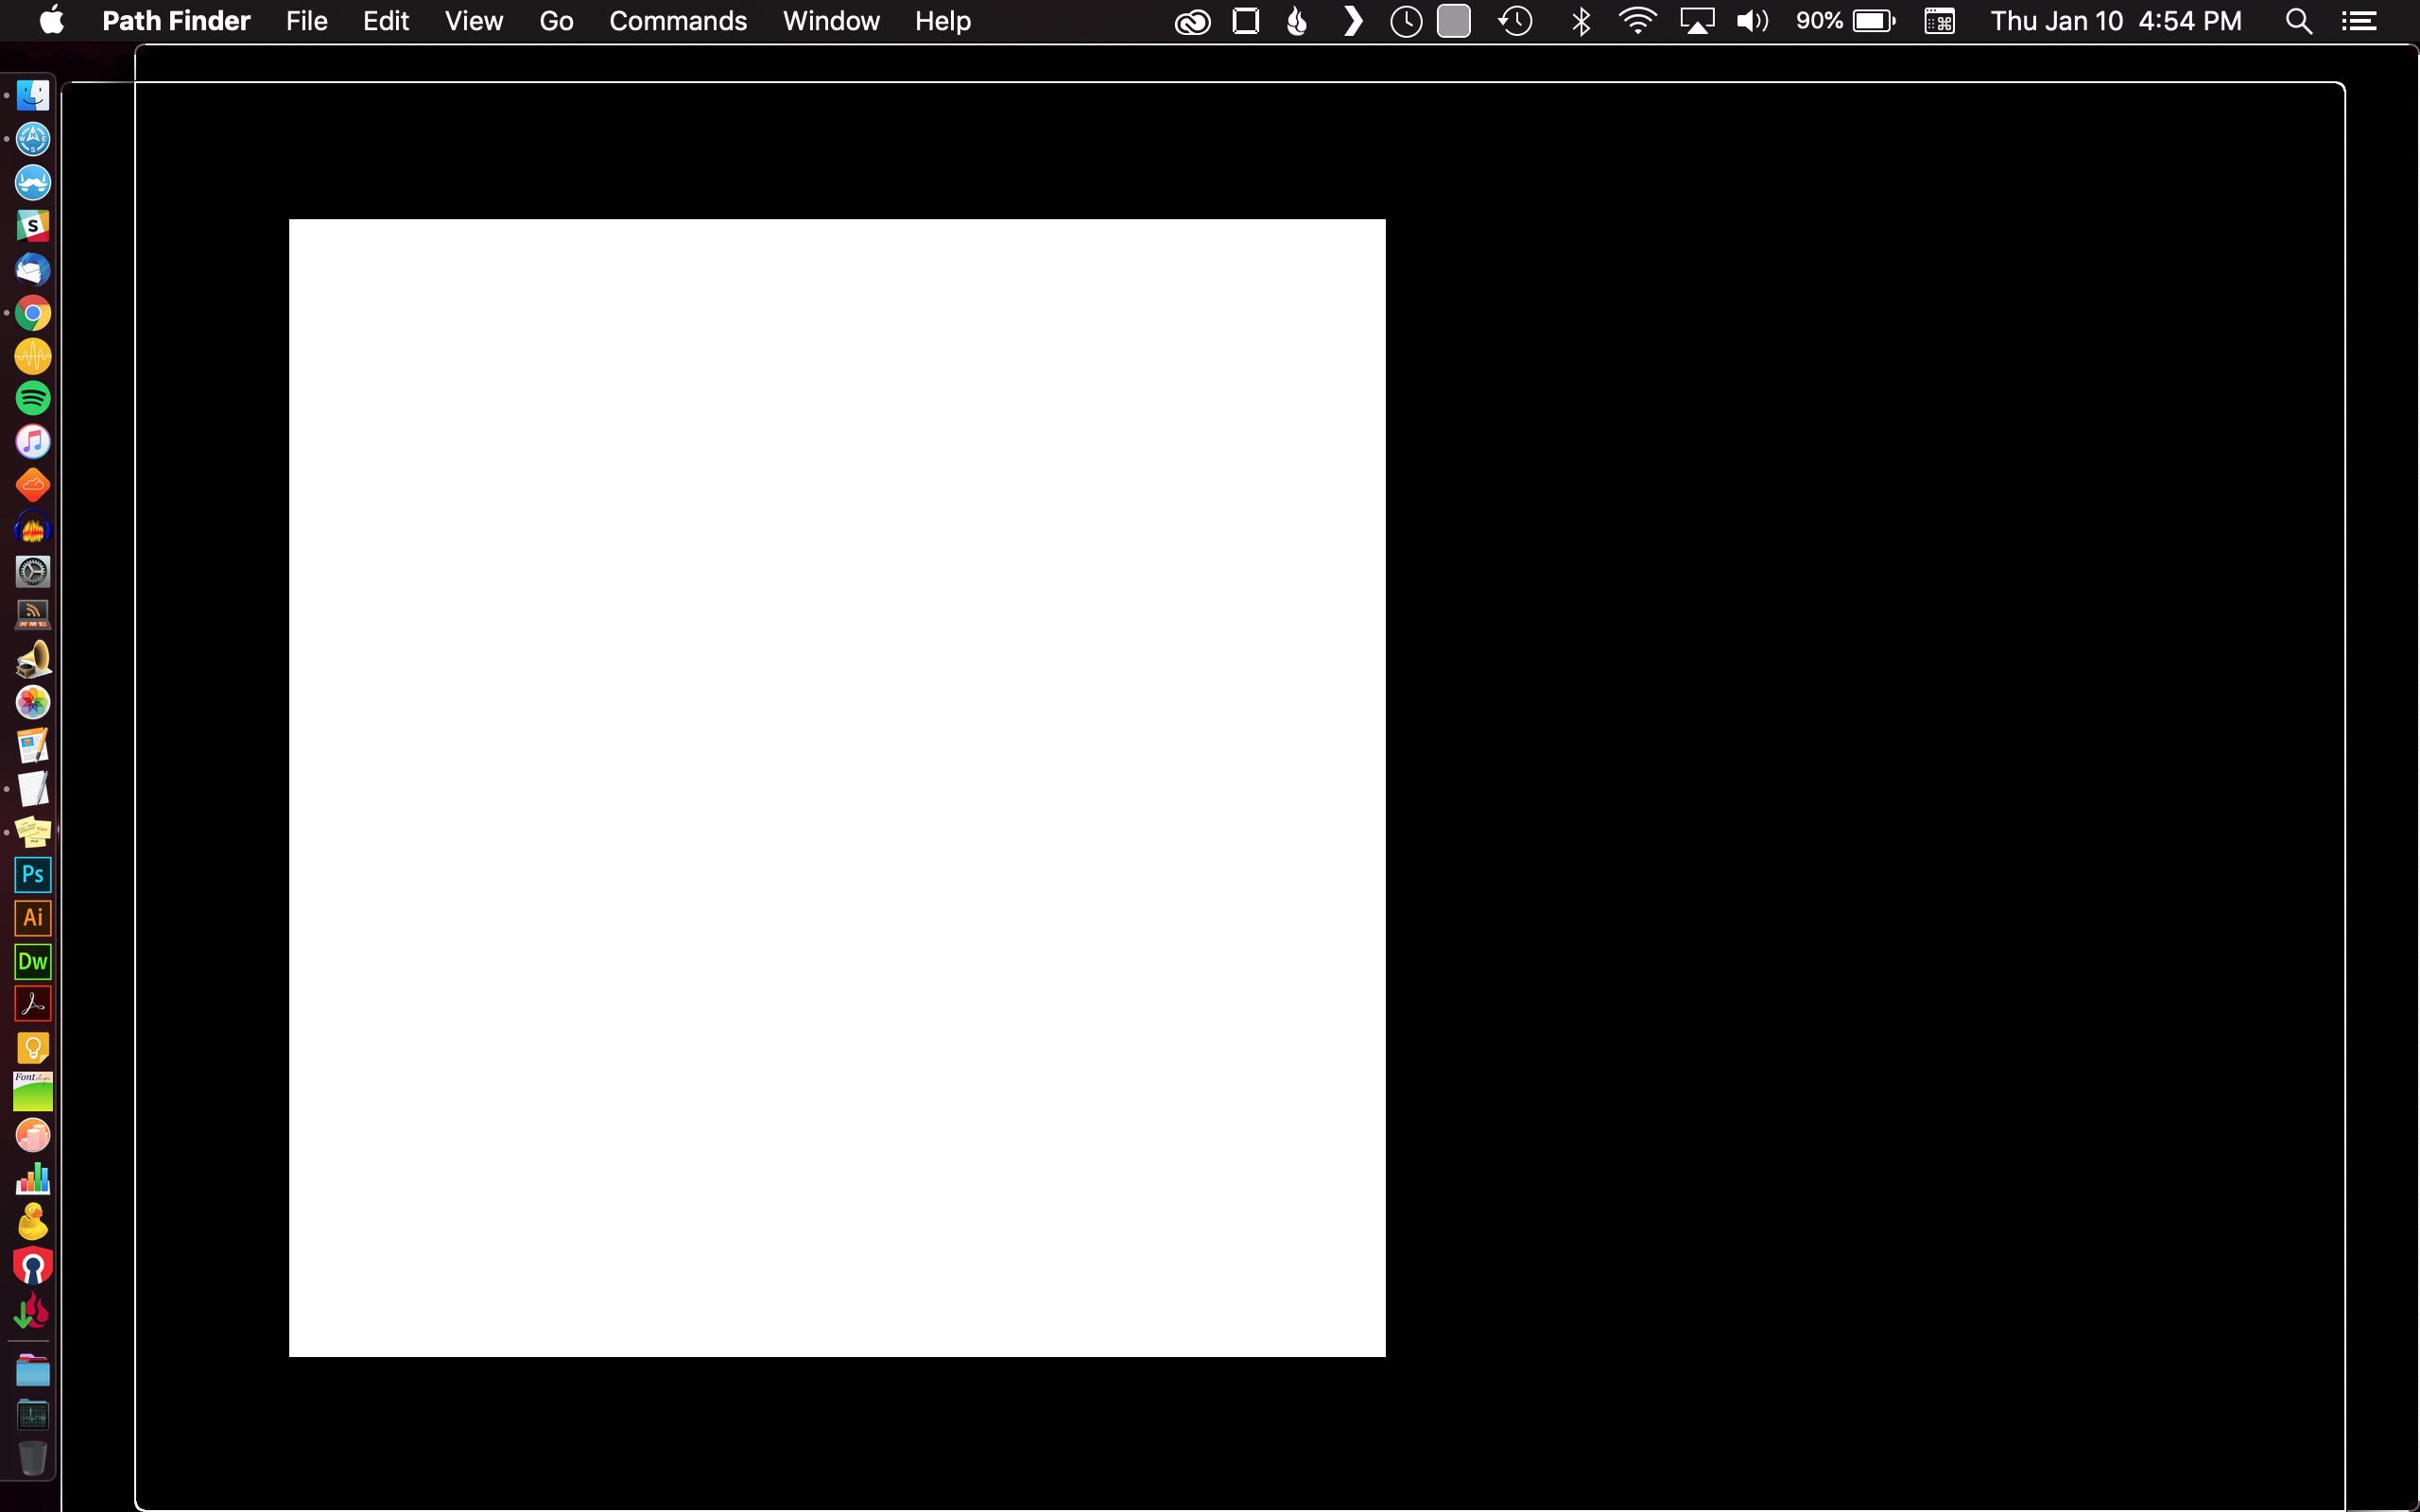 Screen_shot_2019-01-10_at_4.54.26_pm